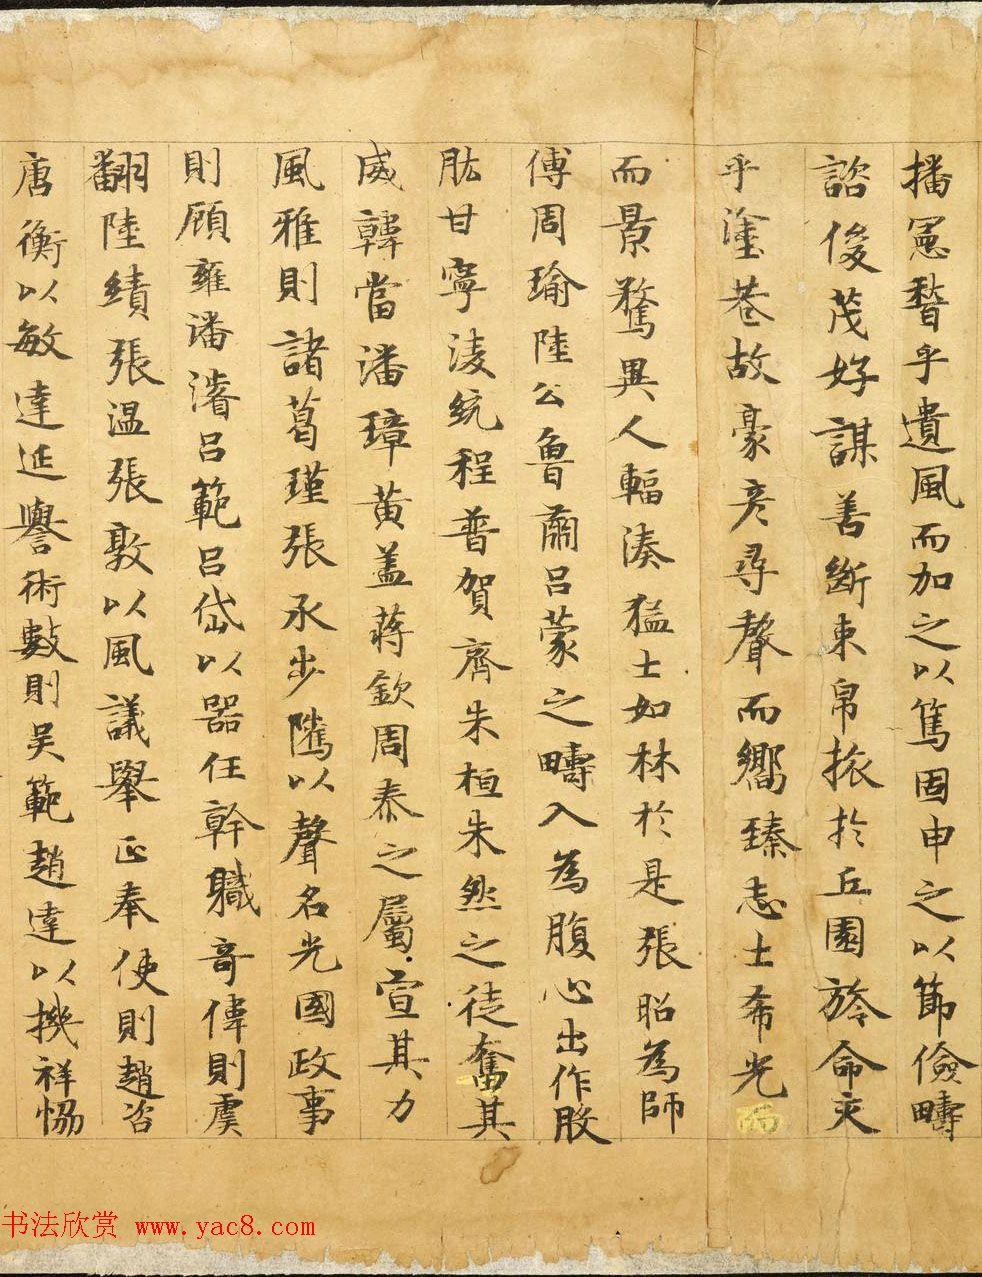 敦煌唐人写本《陆机辩亡论上篇》